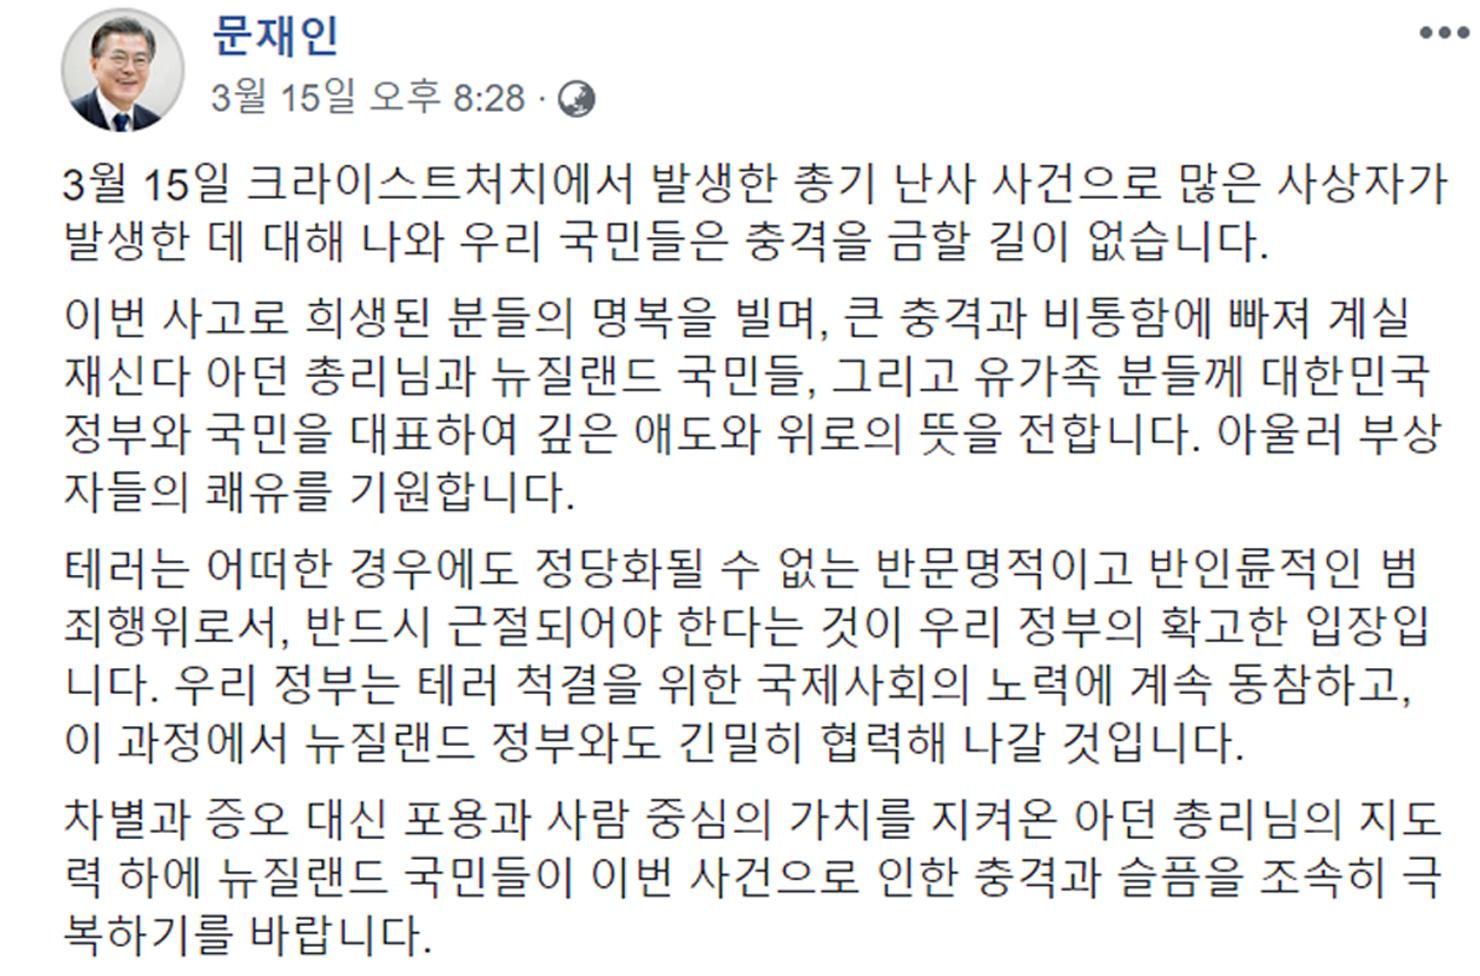 문재인 대통령이 15일 자신의 페이스북에 올린 뉴질랜드 총격 사건에 대한 추모글. [문 대통령 페이스북 캡처]